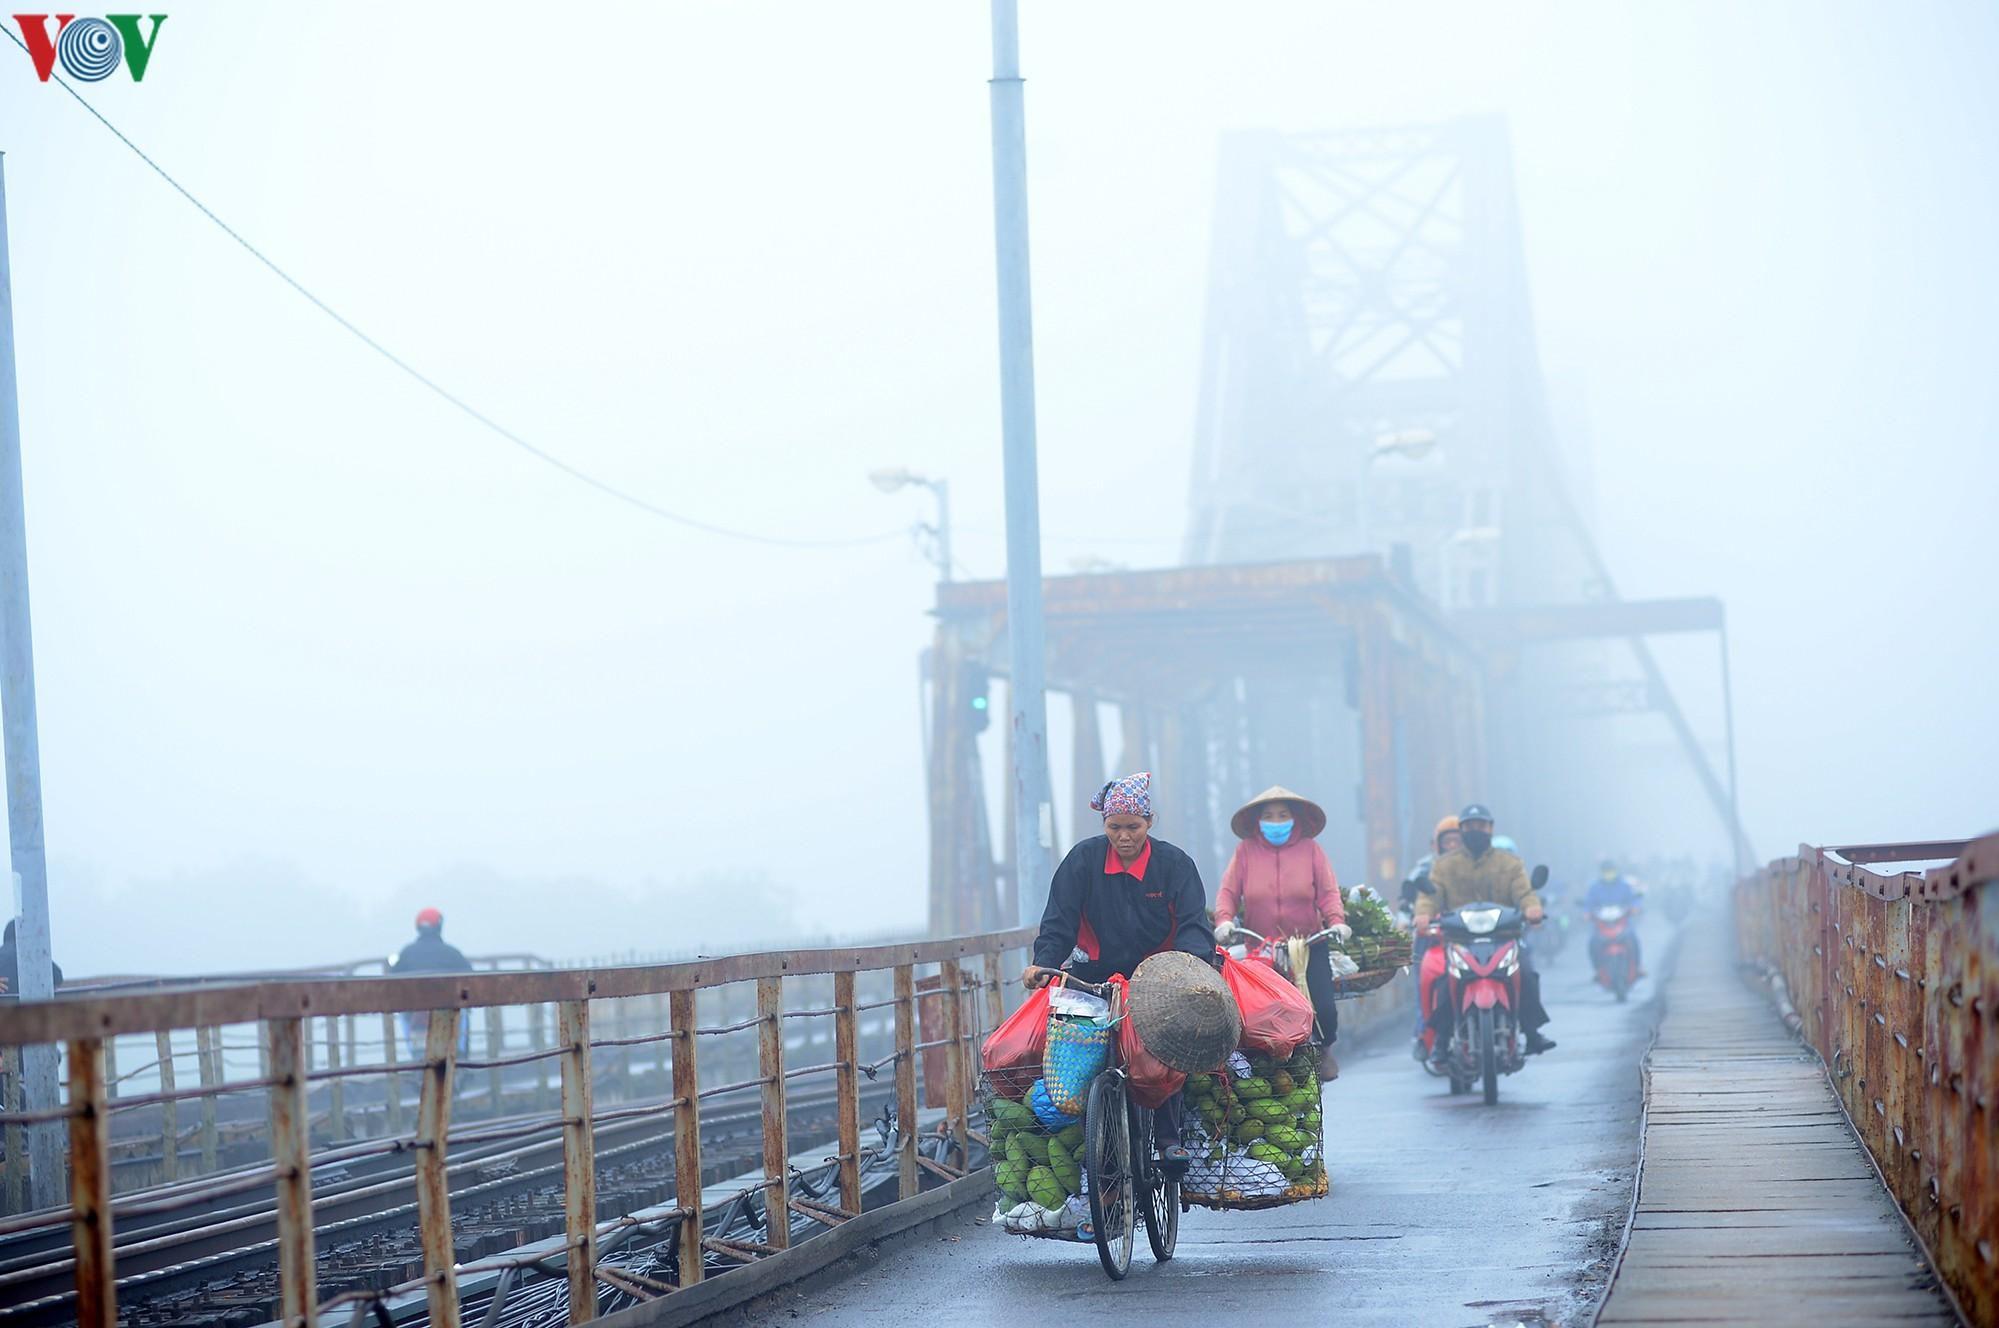 Hà Nội lại chìm trong sương mù dày đặc Ảnh 7